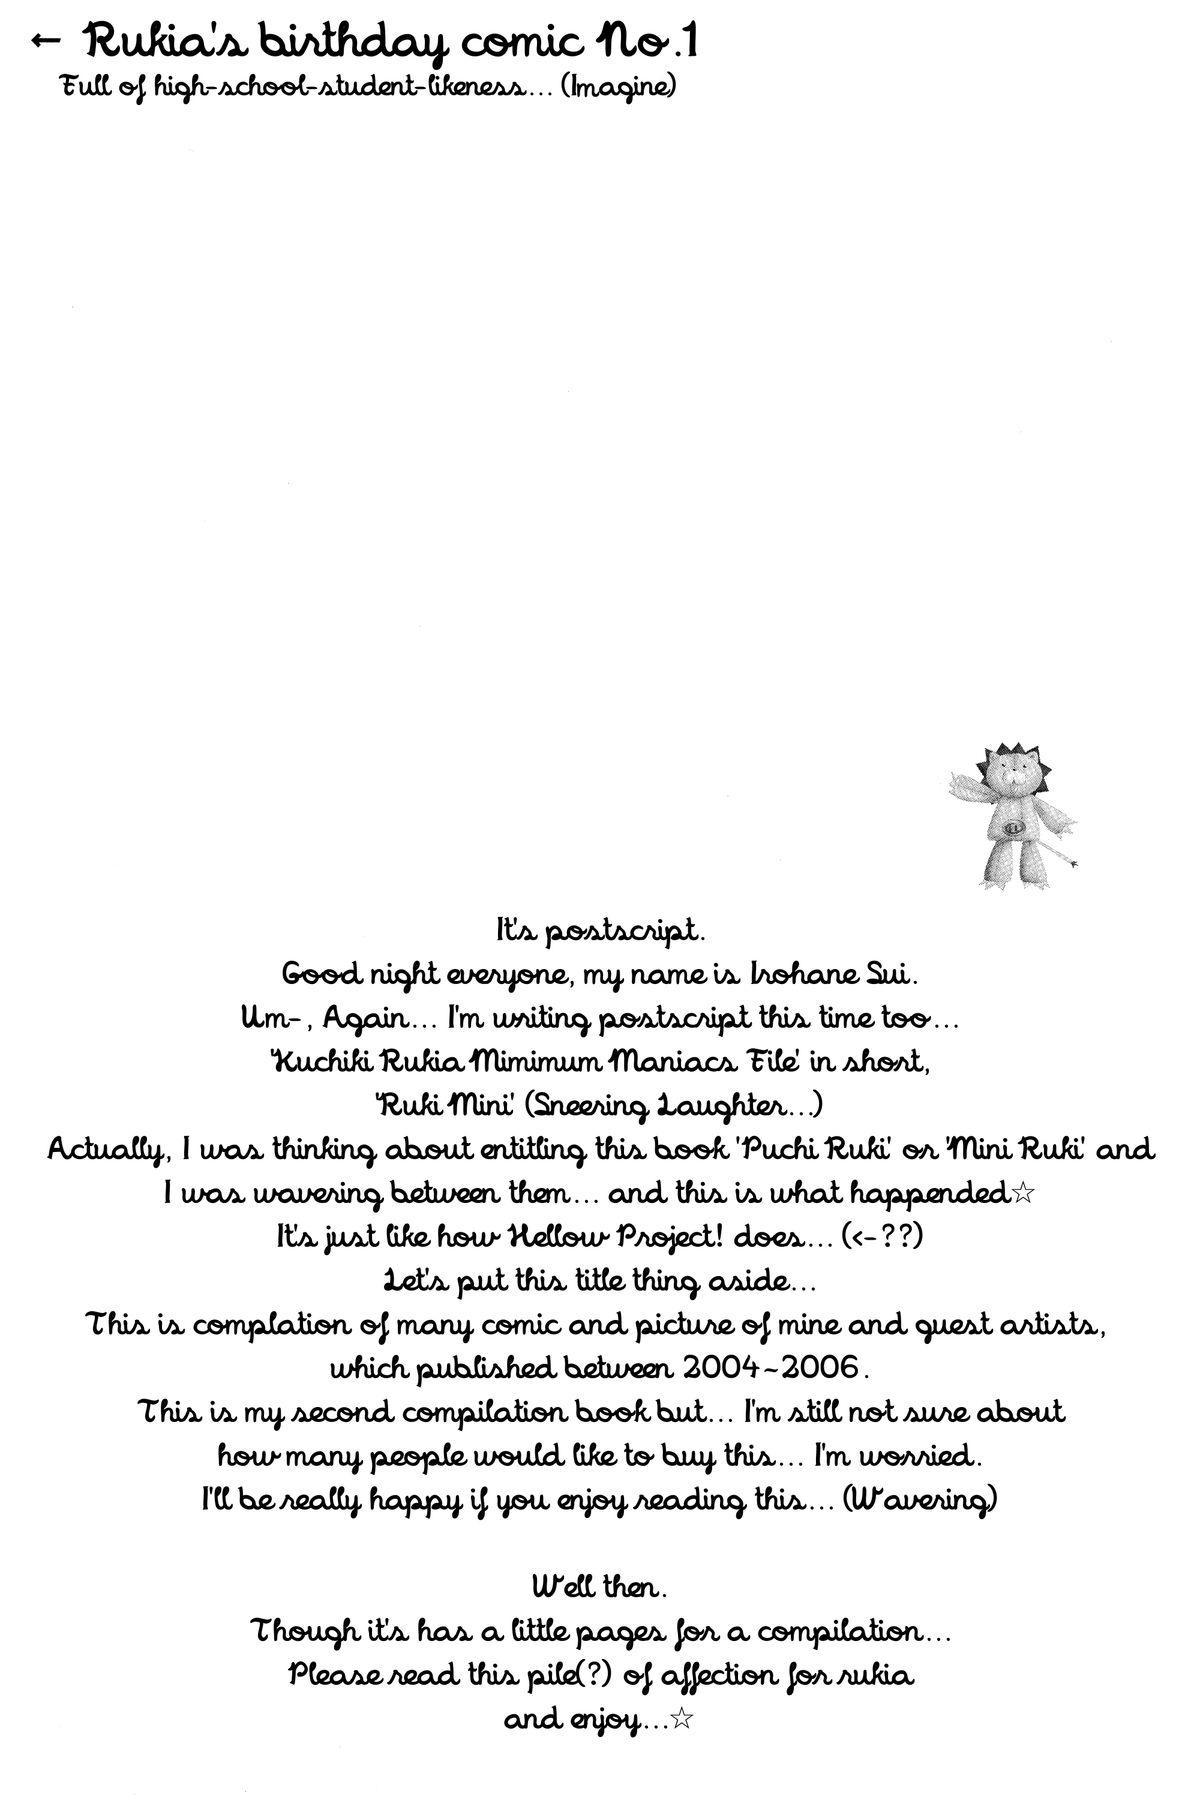 Rukia Kuchiki Minimum Maniax File 3